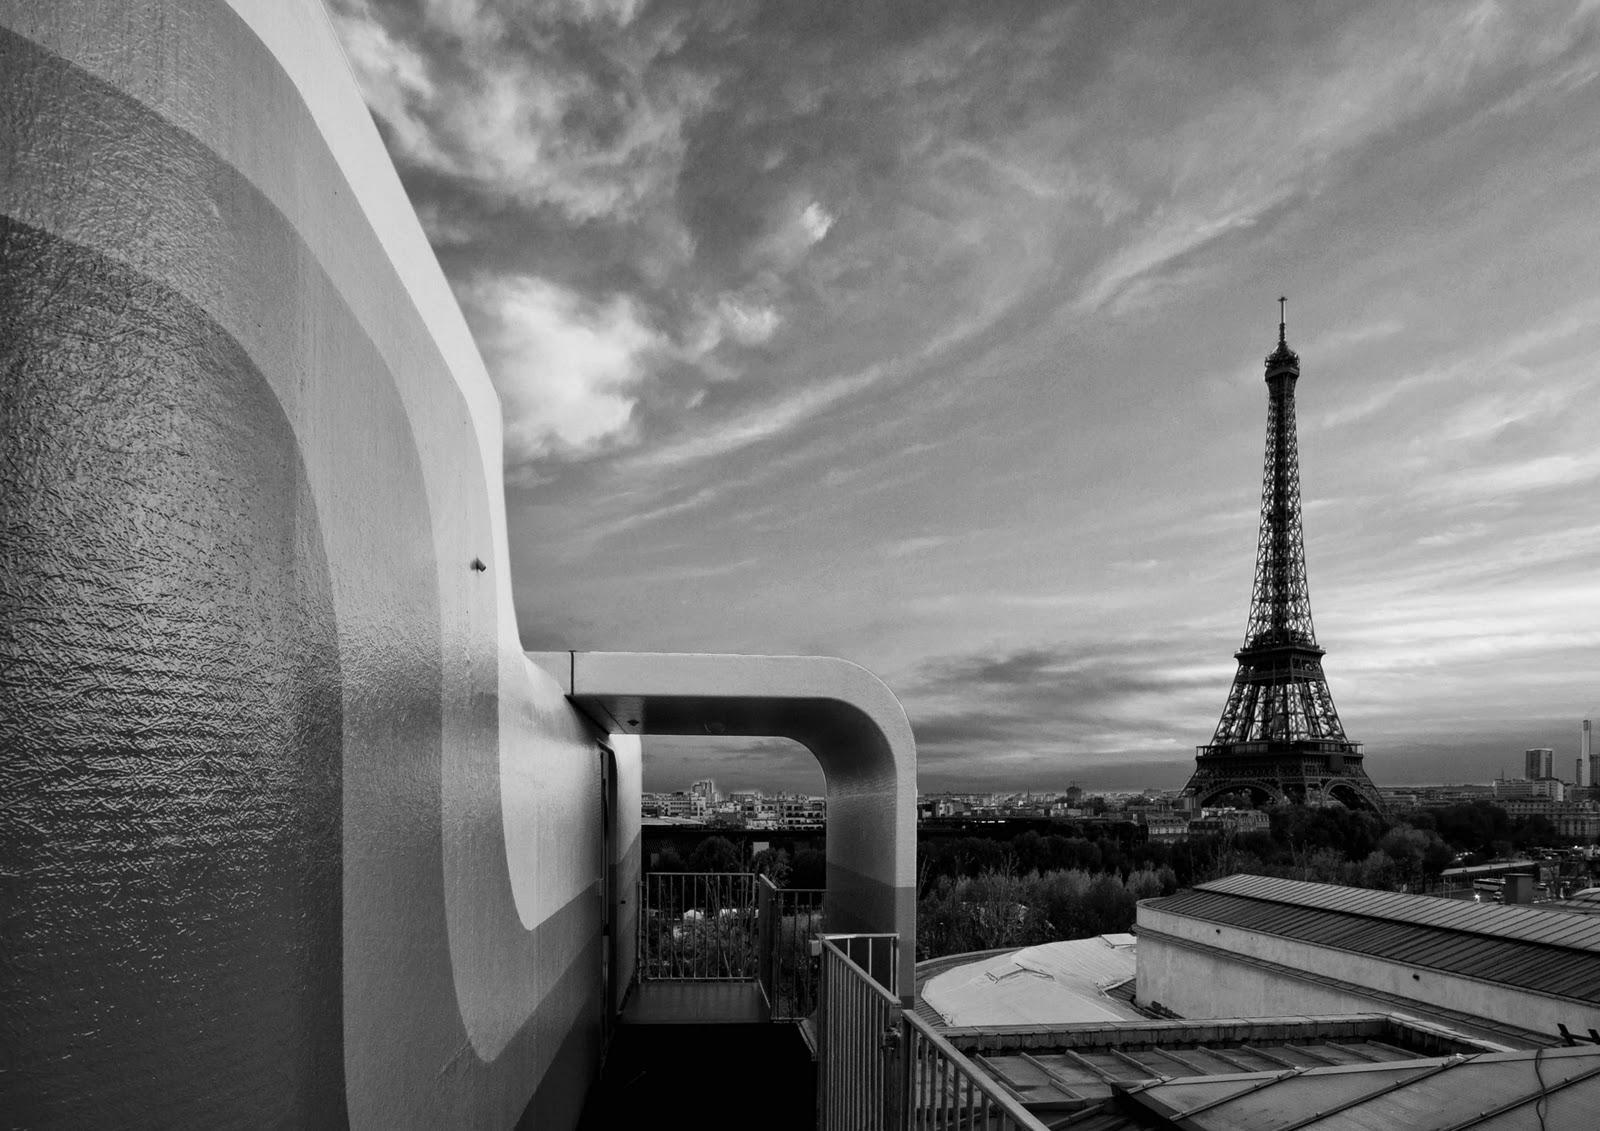 Paris fvdv: december 2011